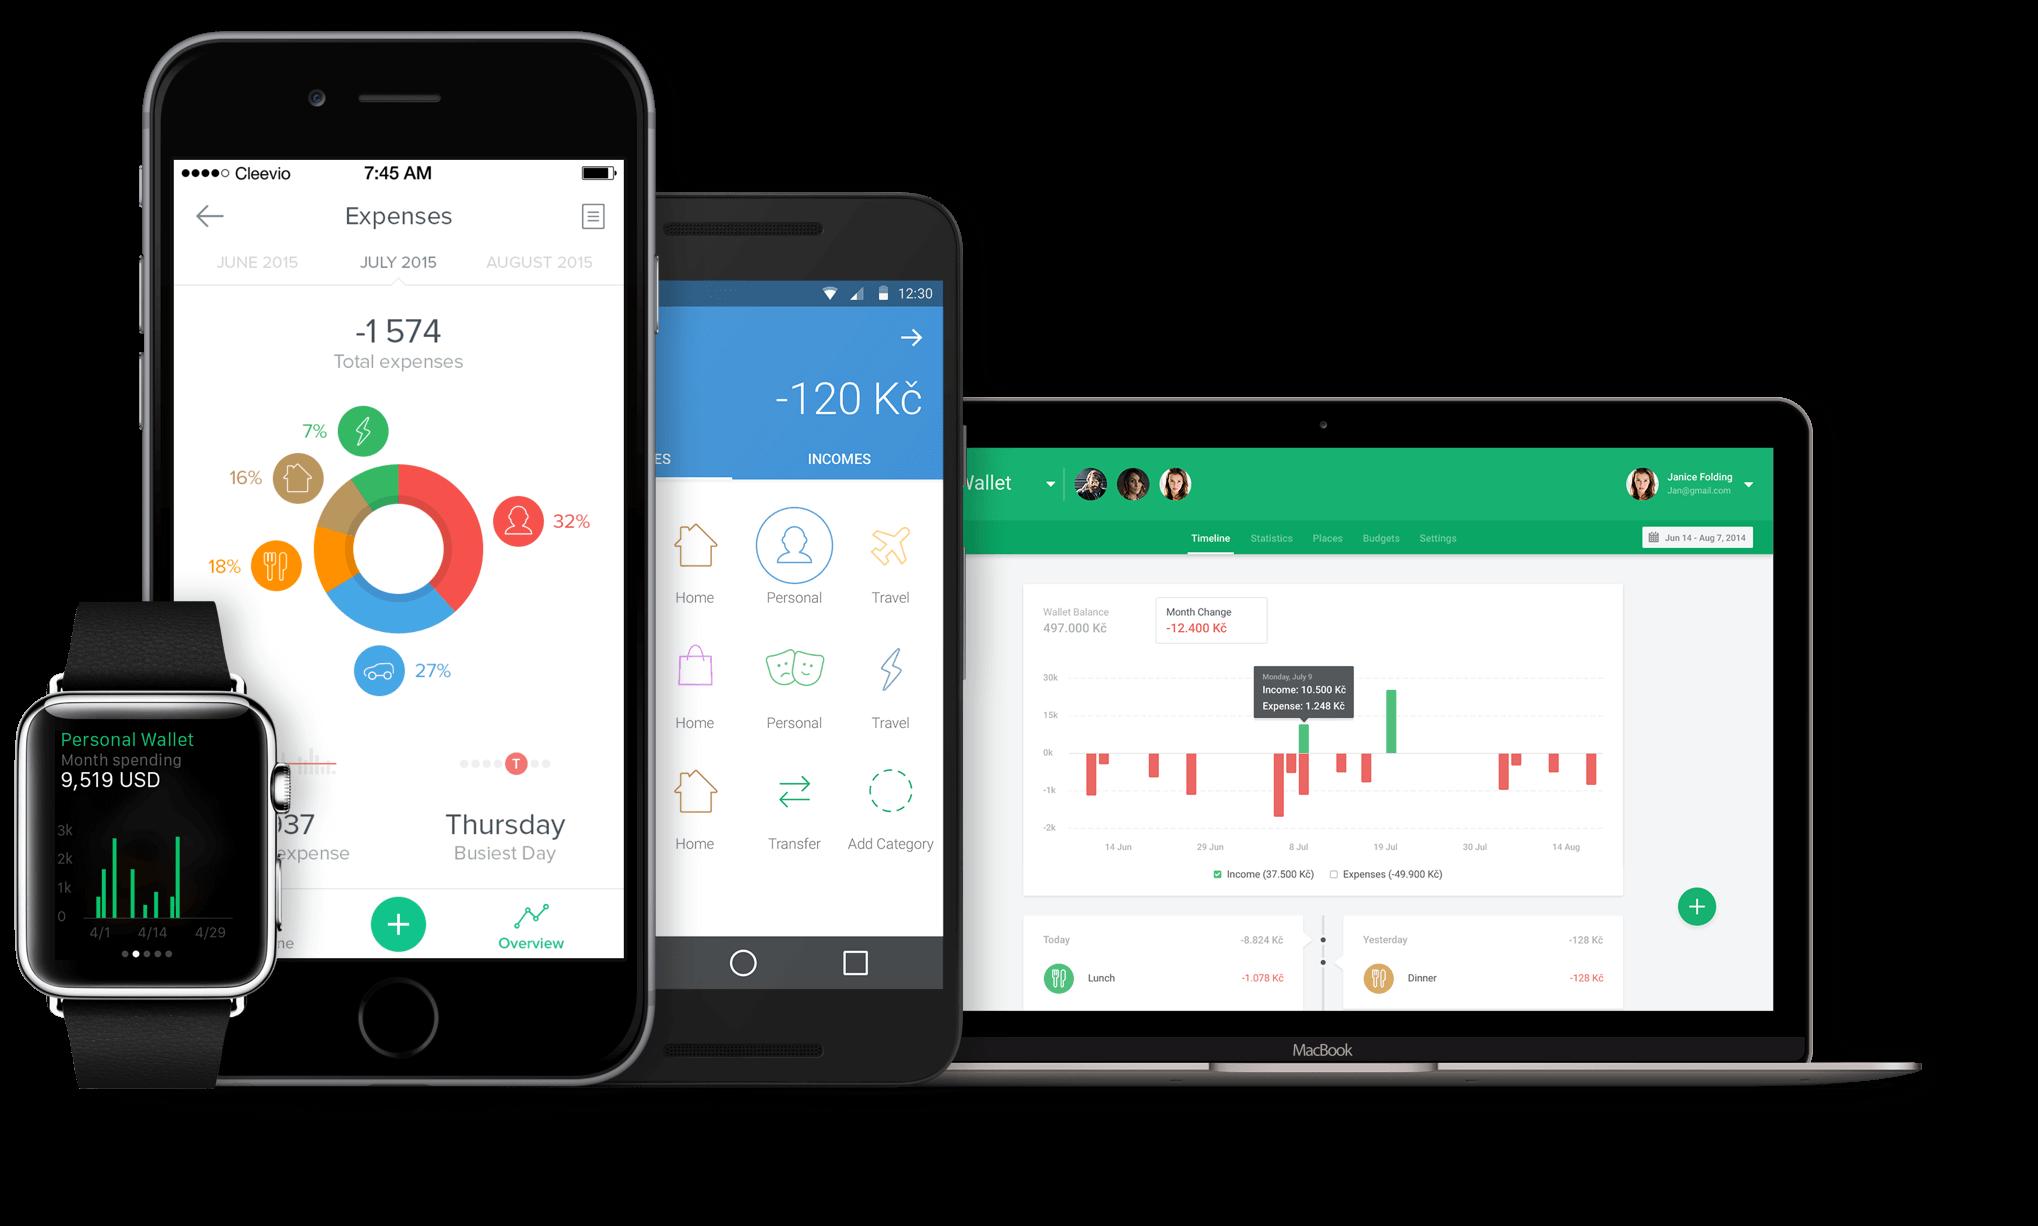 spendee-devices 3 aplikácie, ktoré vám pomôžu ušetriť peniaze